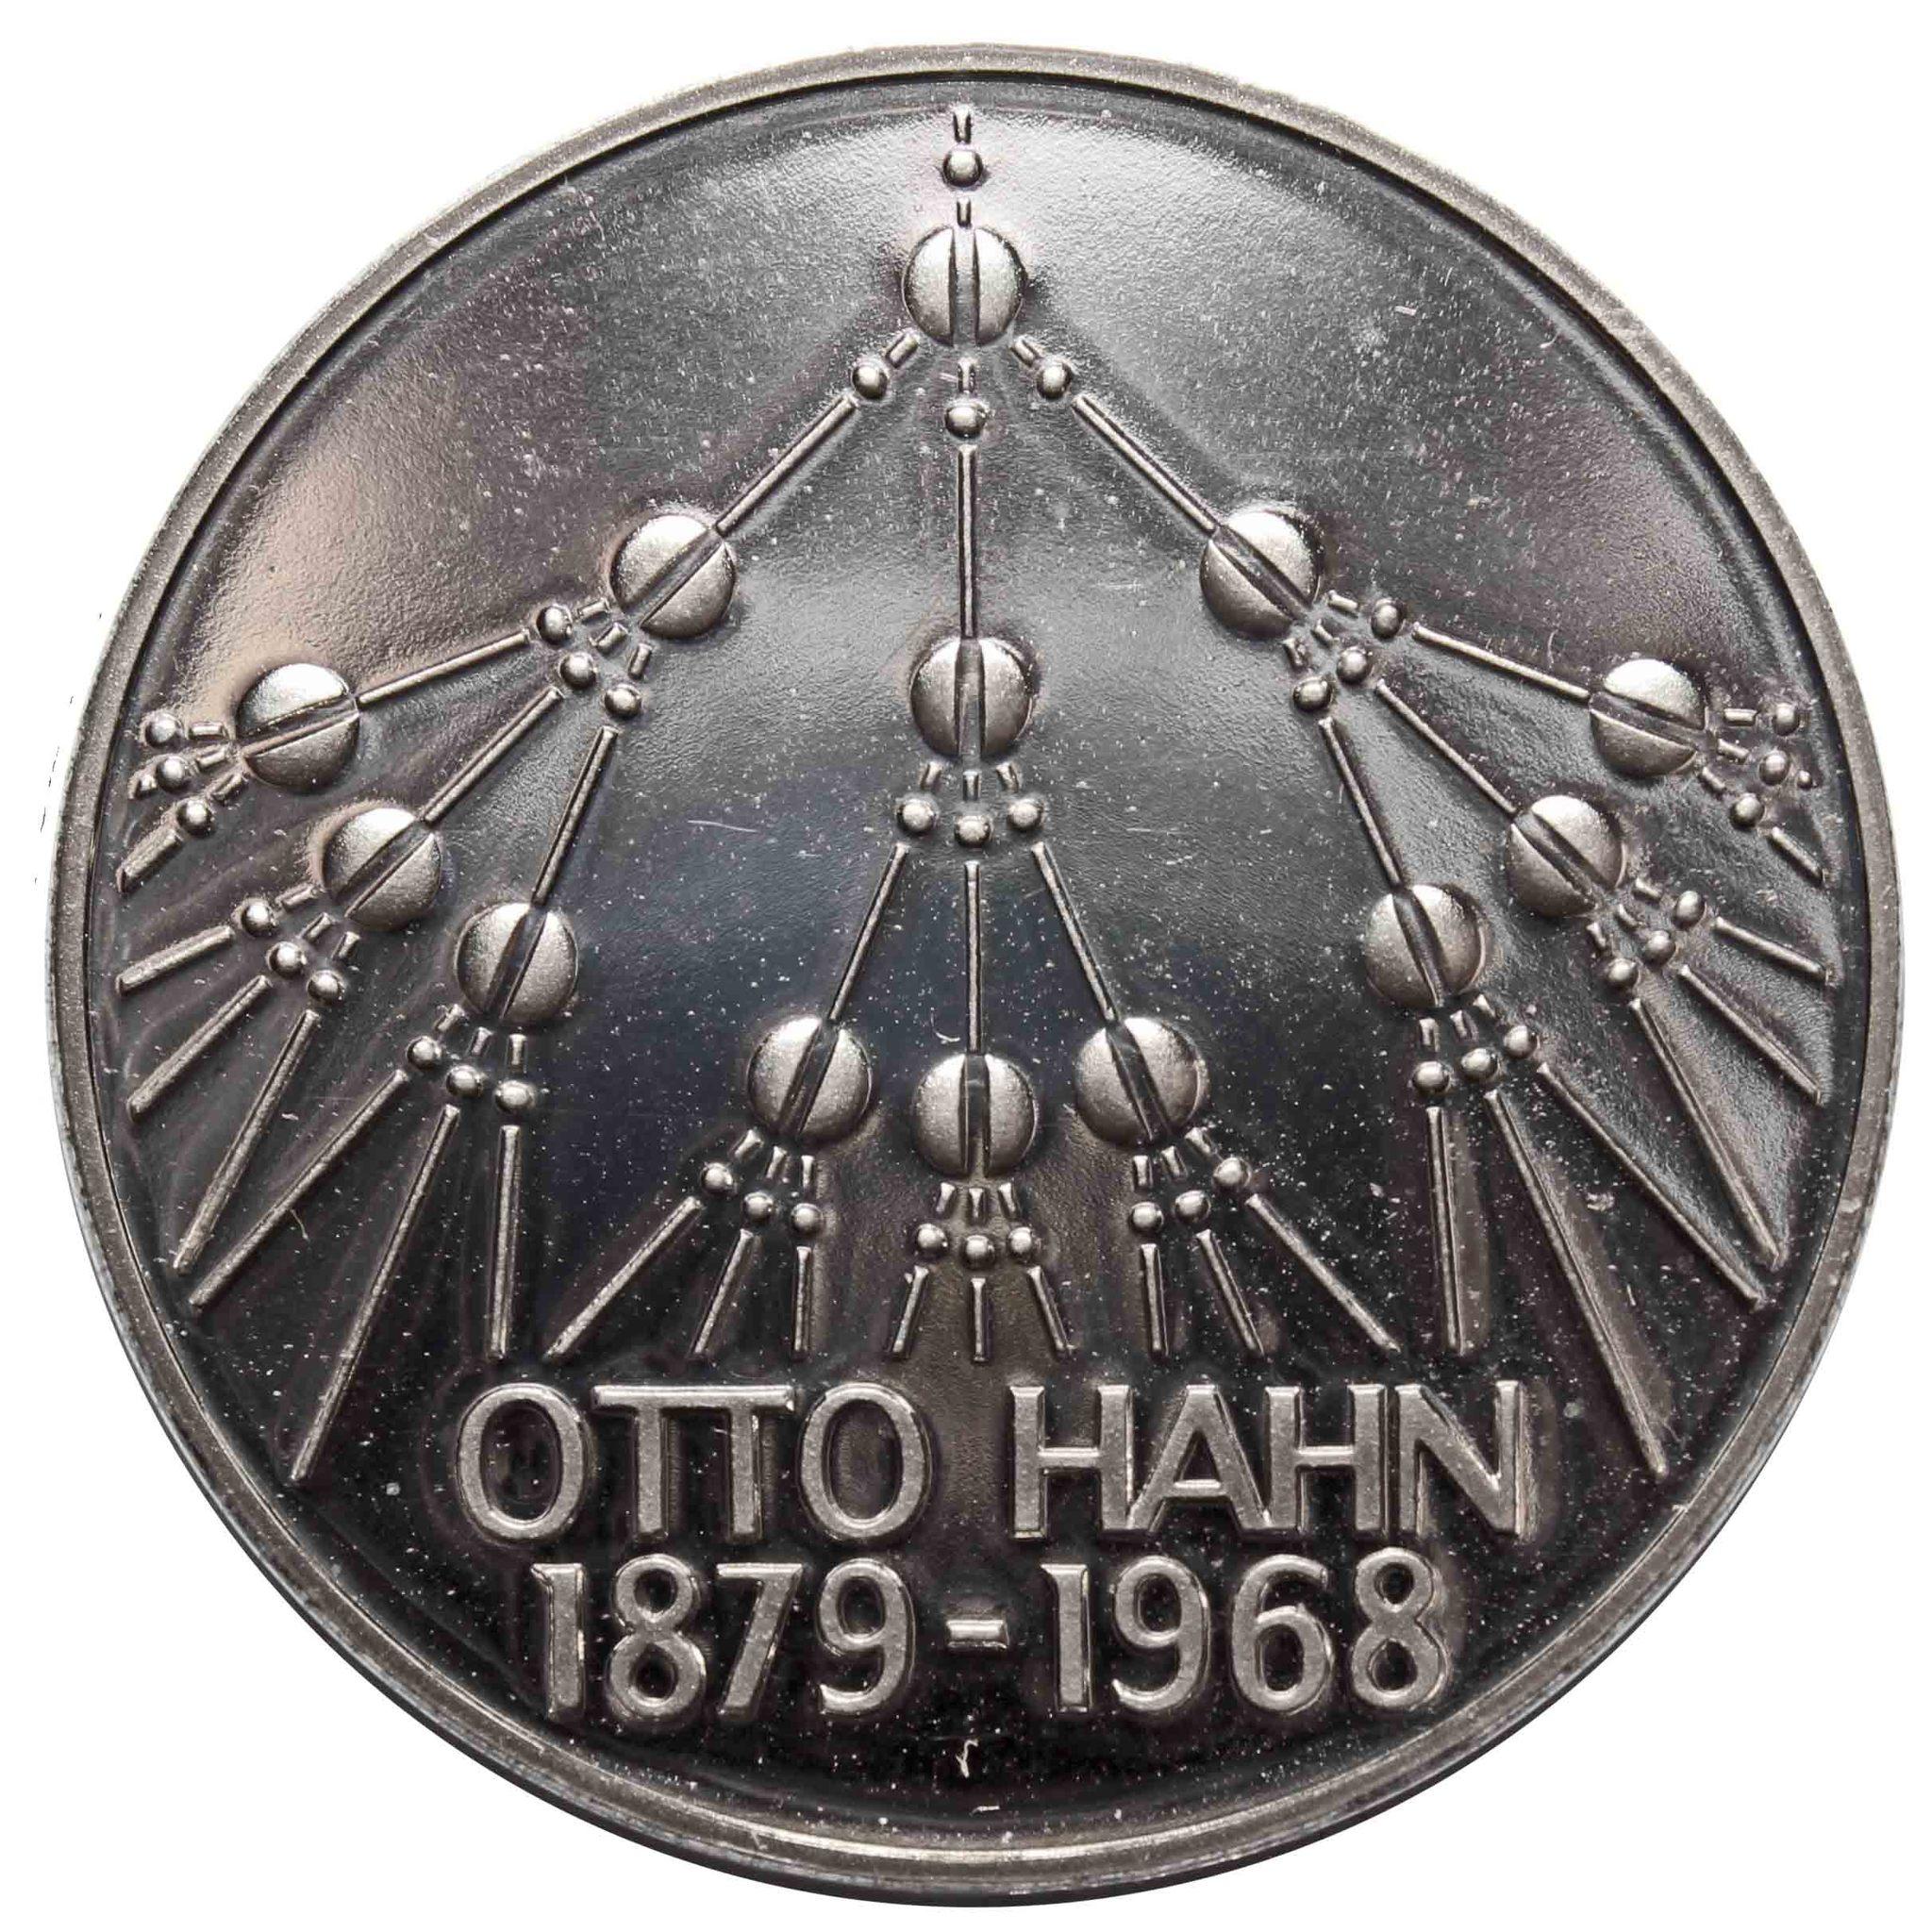 5 марок.  100 лет со дня рождения Отто Гана (G) Медноникель. 1979 г. PROOF